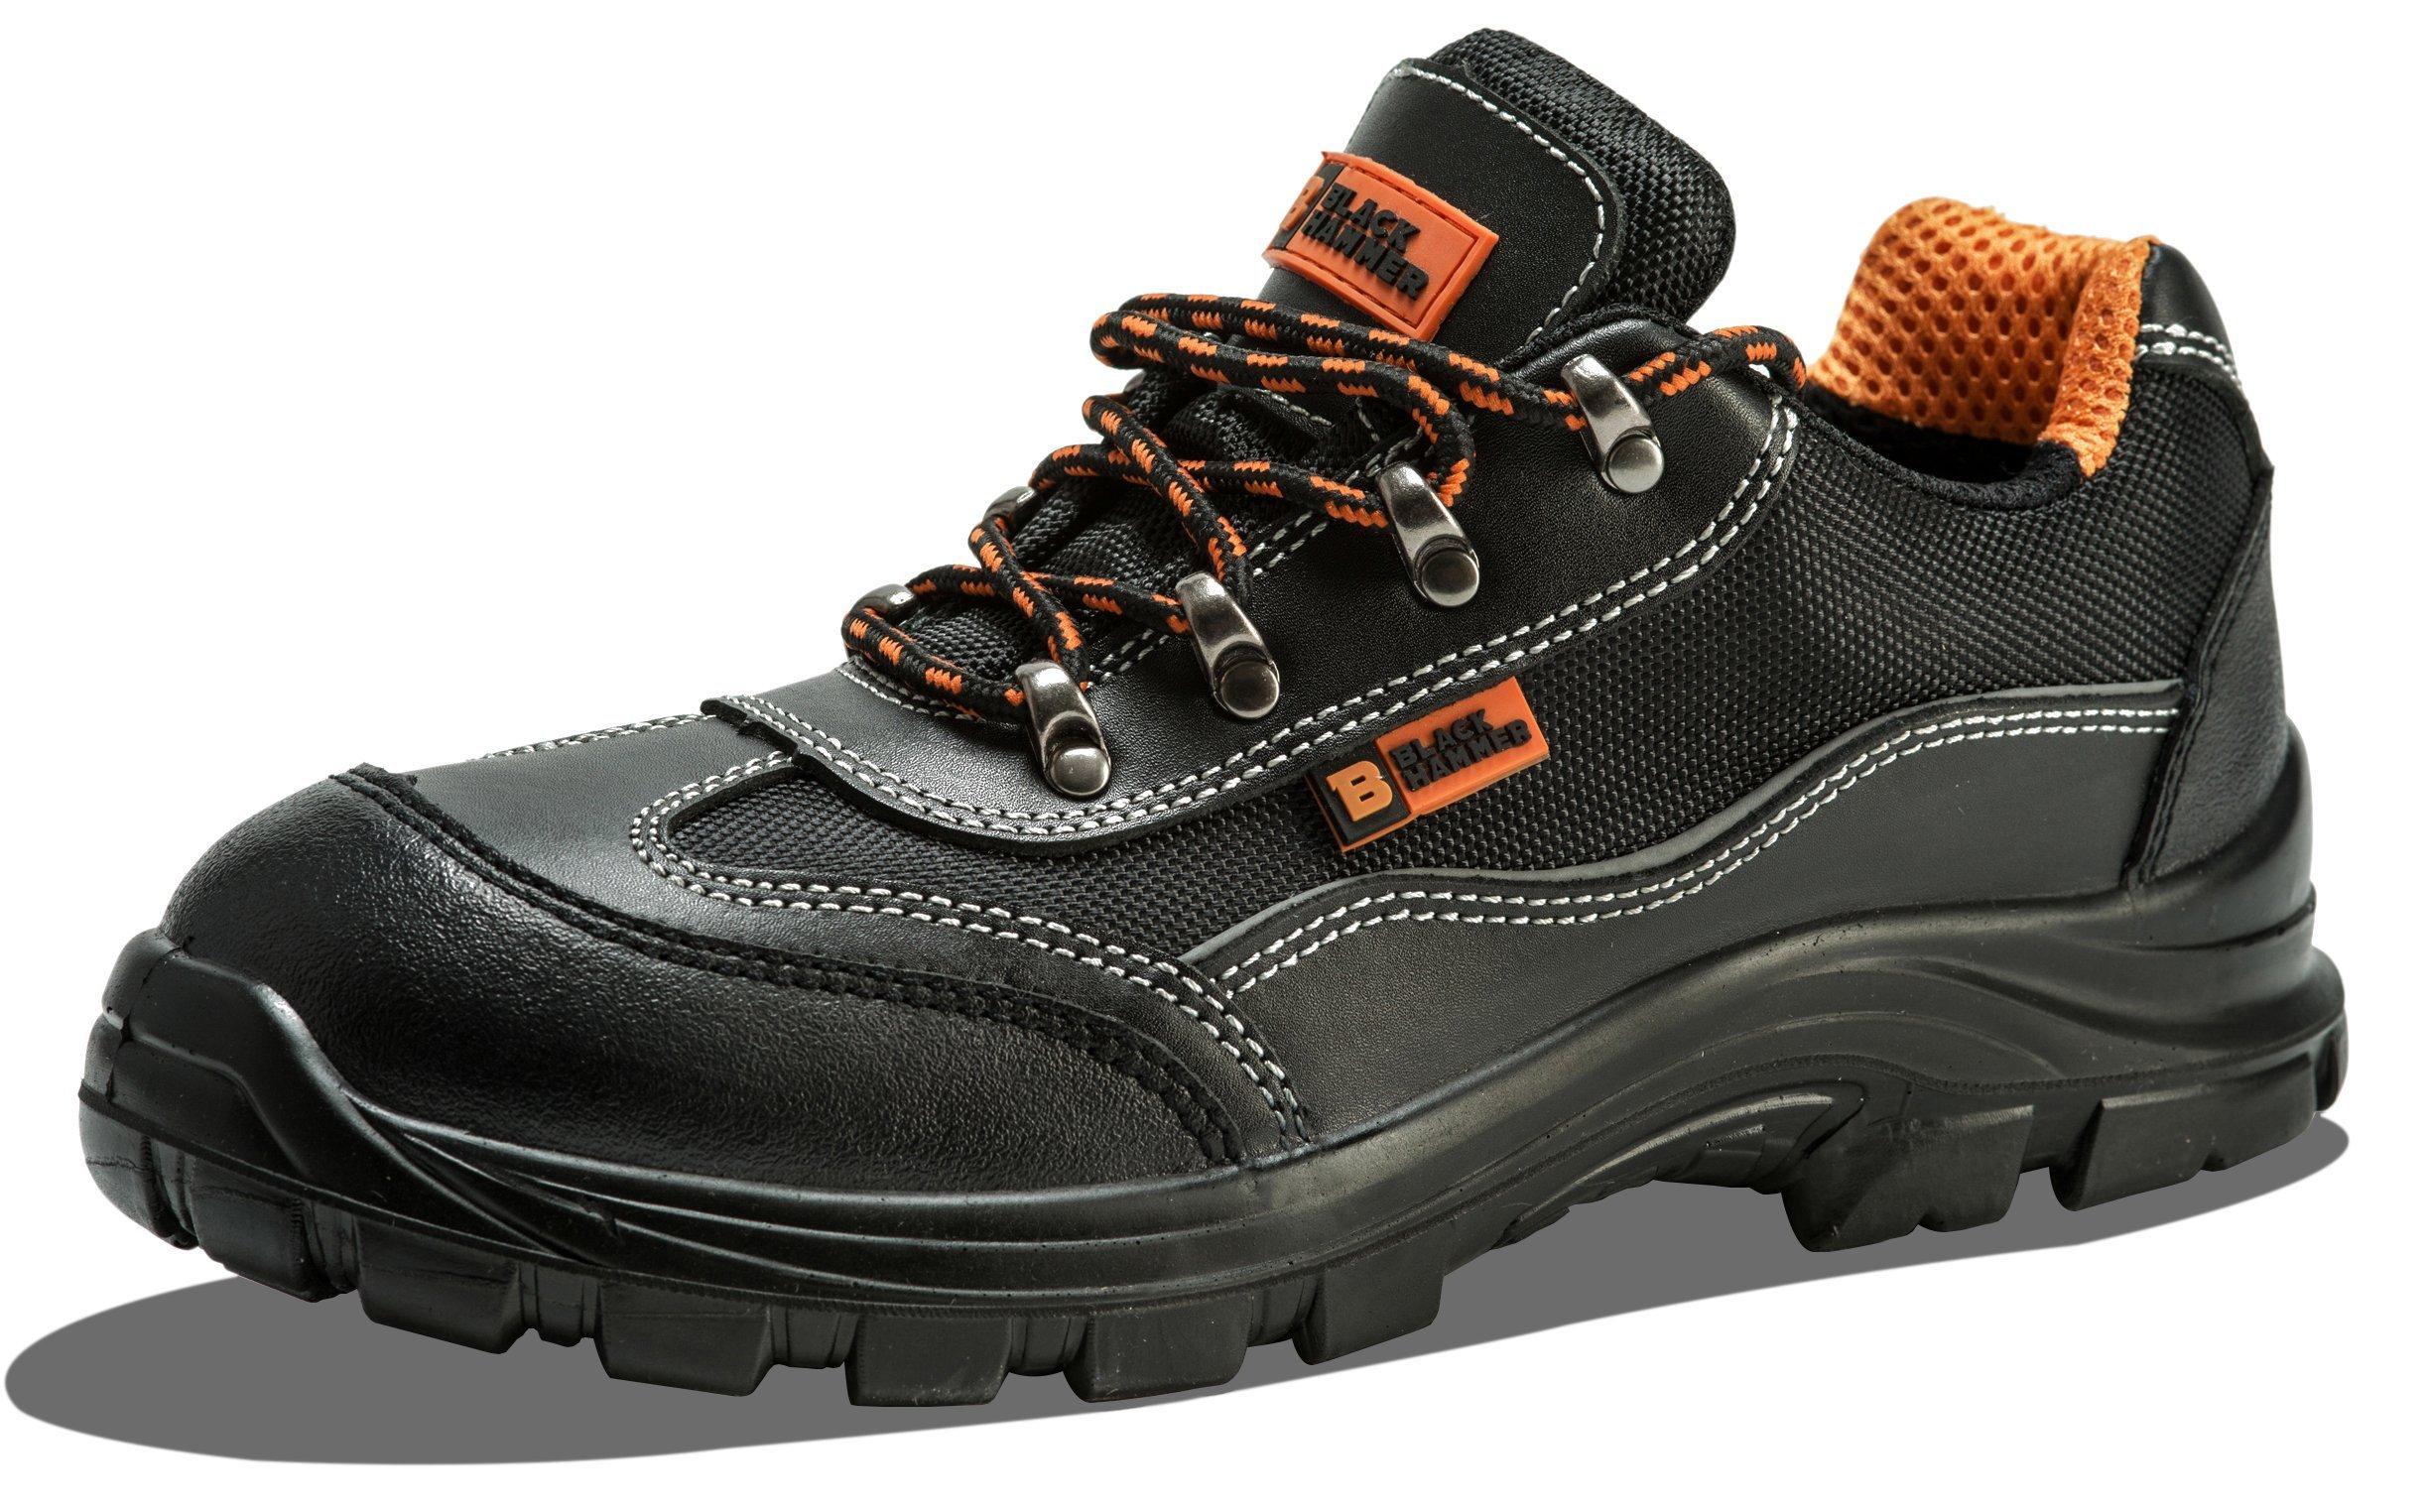 Black Hammer Scarponcini Antinfortunistici da Uomo con Puntale in Acciaio Scarpe  da Lavoro e Trekking con 4a737df7701